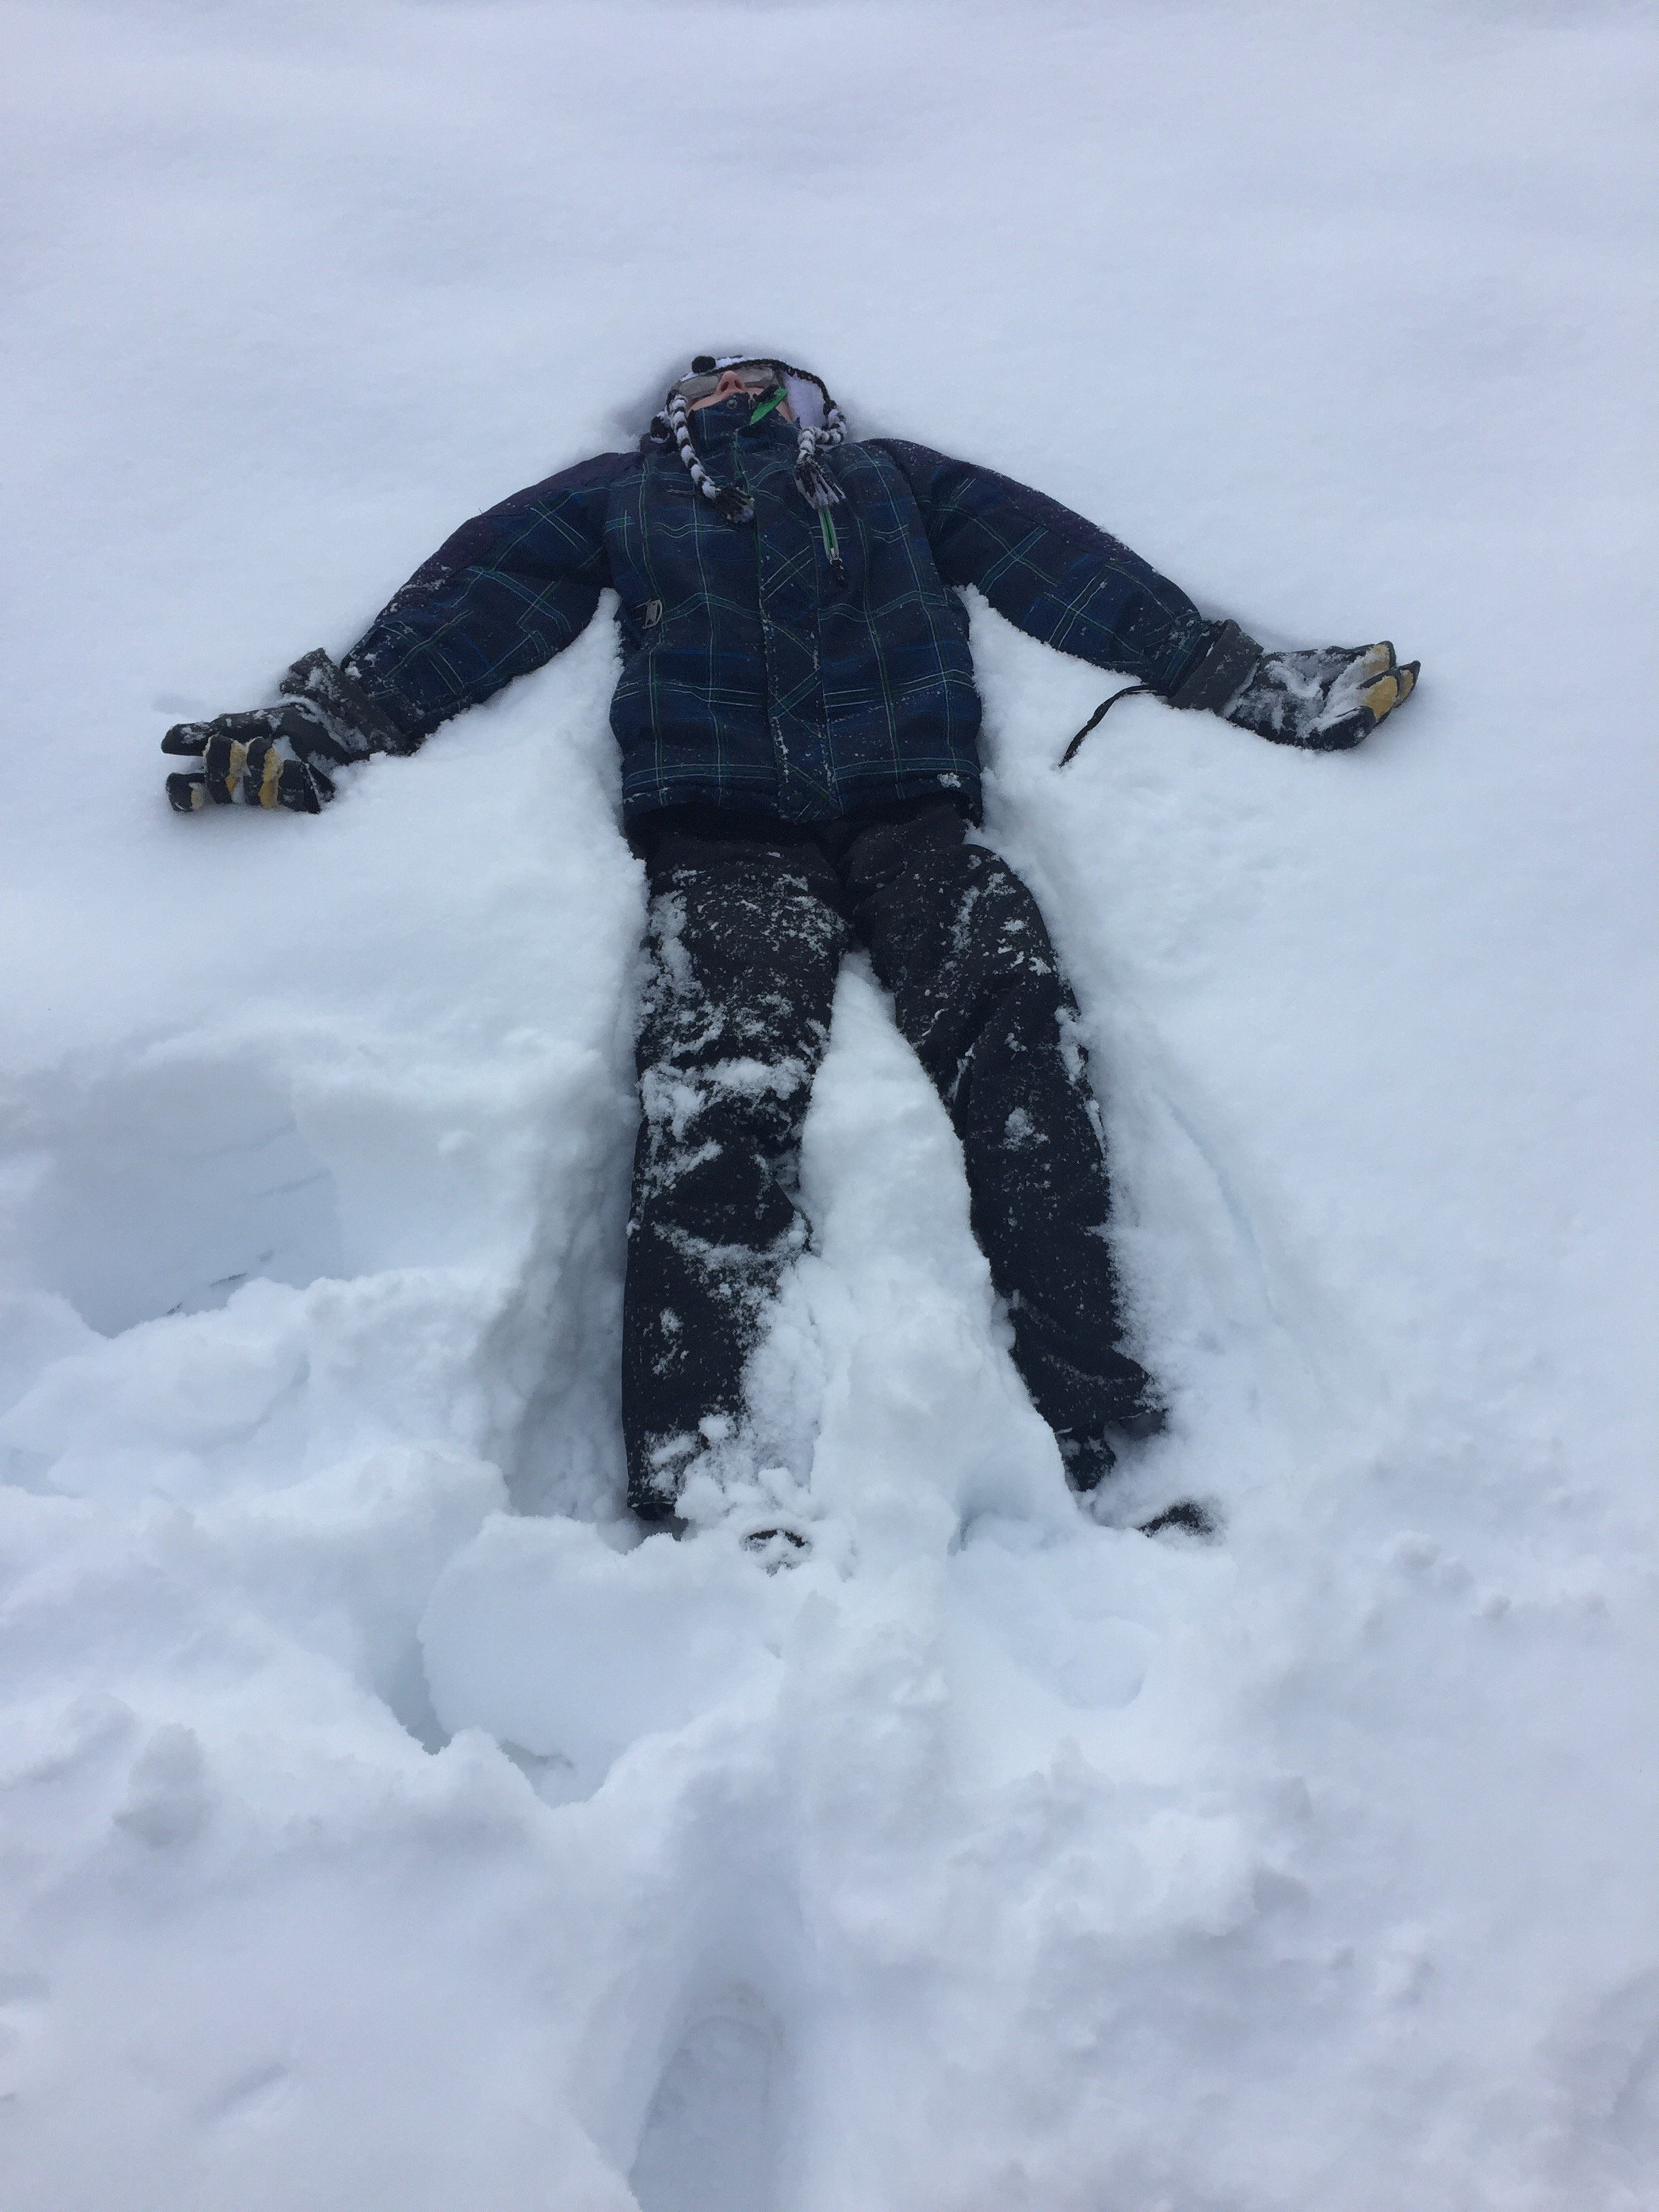 Professor flop in snow